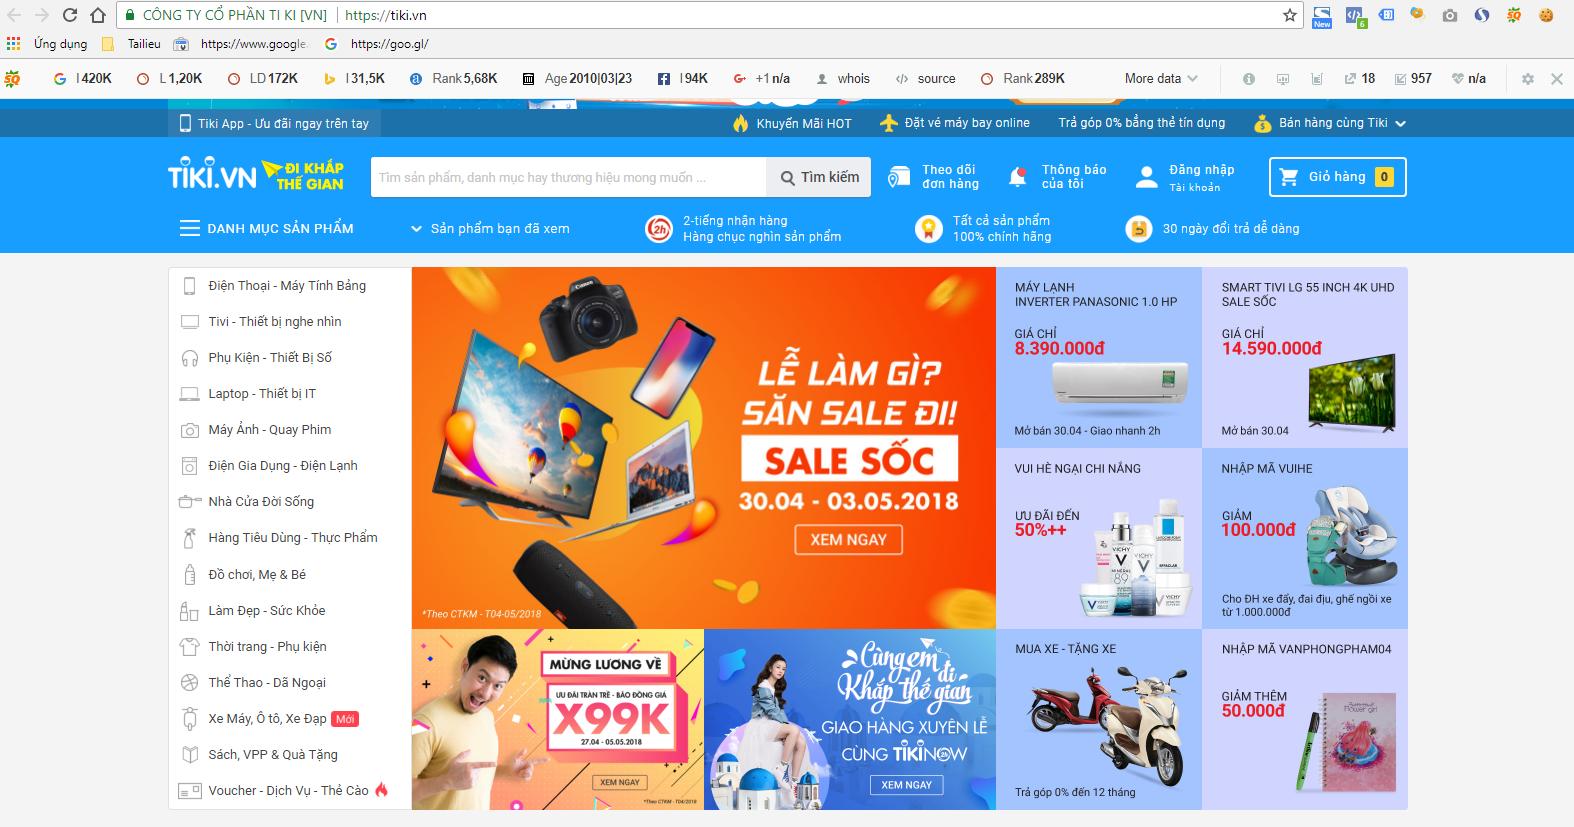 Top 3 các trang bán hàng online uy tín và nổi tiếng ở Việt Nam 2